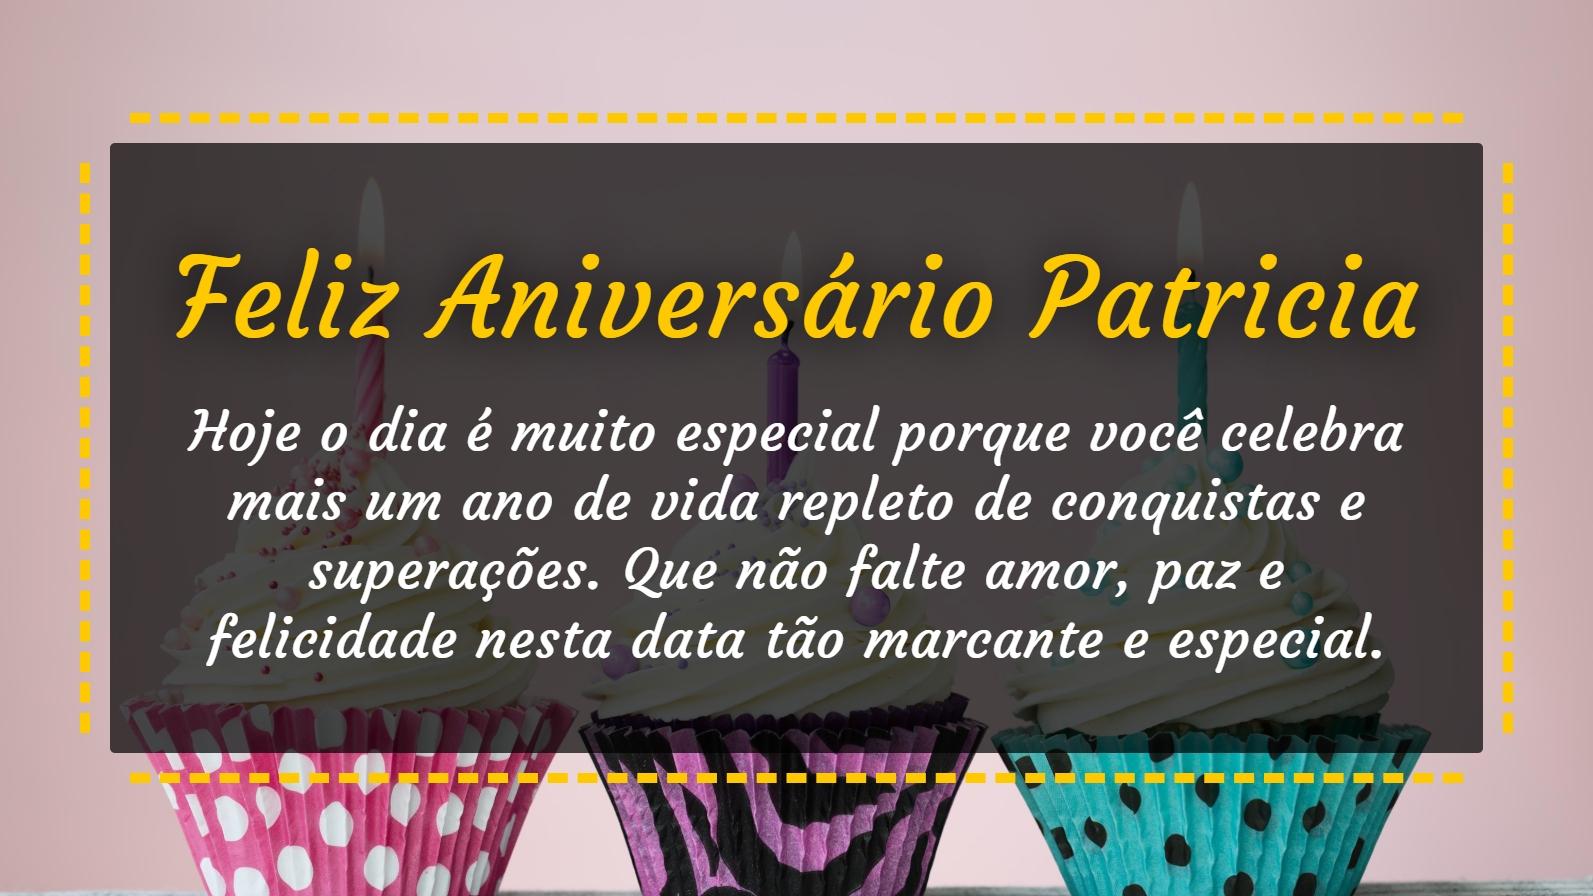 Patricia, hoje o dia é muito especial porque você celebra mais um ano de vida repleto de conquistas e superações. Que não falte amor, paz e felicidade nesta data tão marcante e especial. Feliz Aniversário!